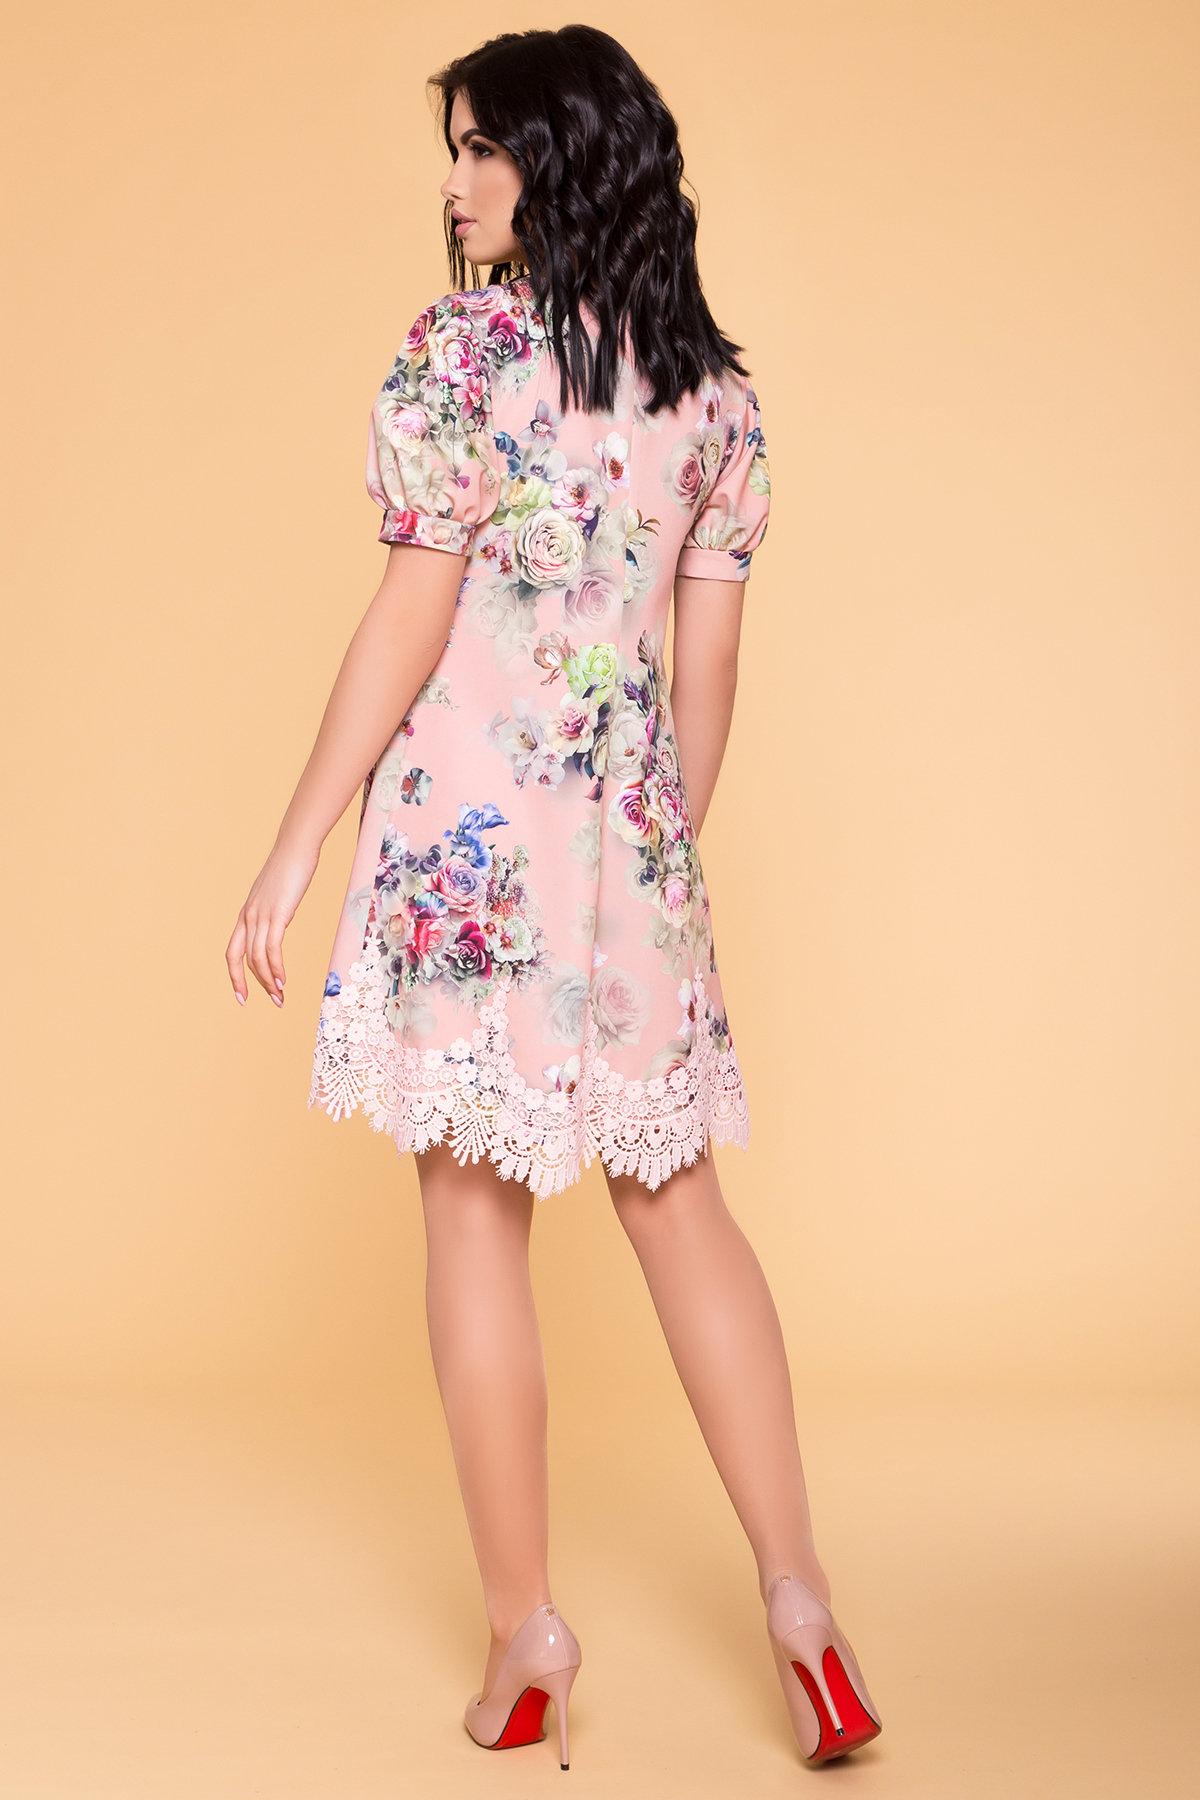 Платье Лера 6487 АРТ. 41505 Цвет: Пудра Роза - фото 2, интернет магазин tm-modus.ru